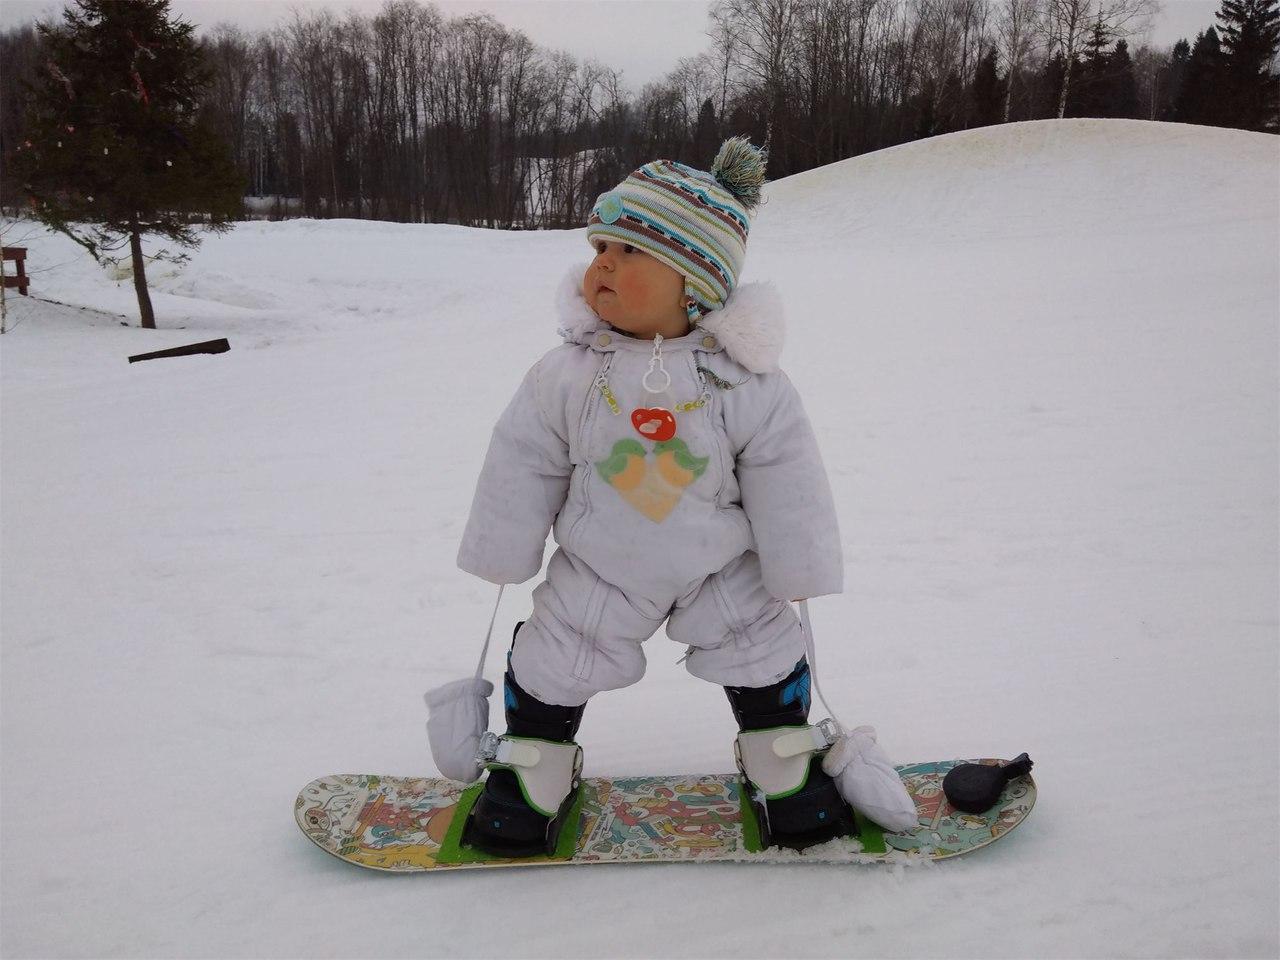 ВИДЕО: 13-месячный малыш из Ярославля покоряет горы на сноуборде